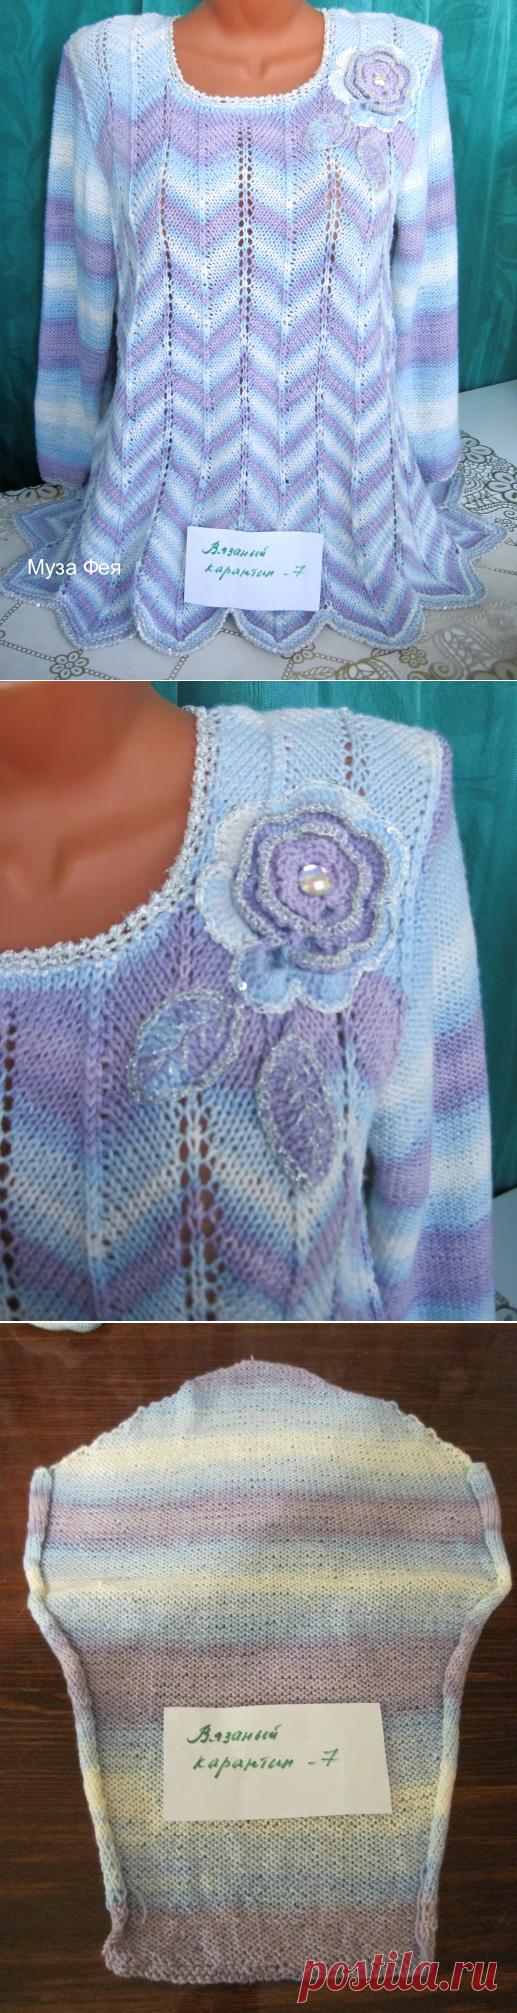 Пуловер миссони с розой